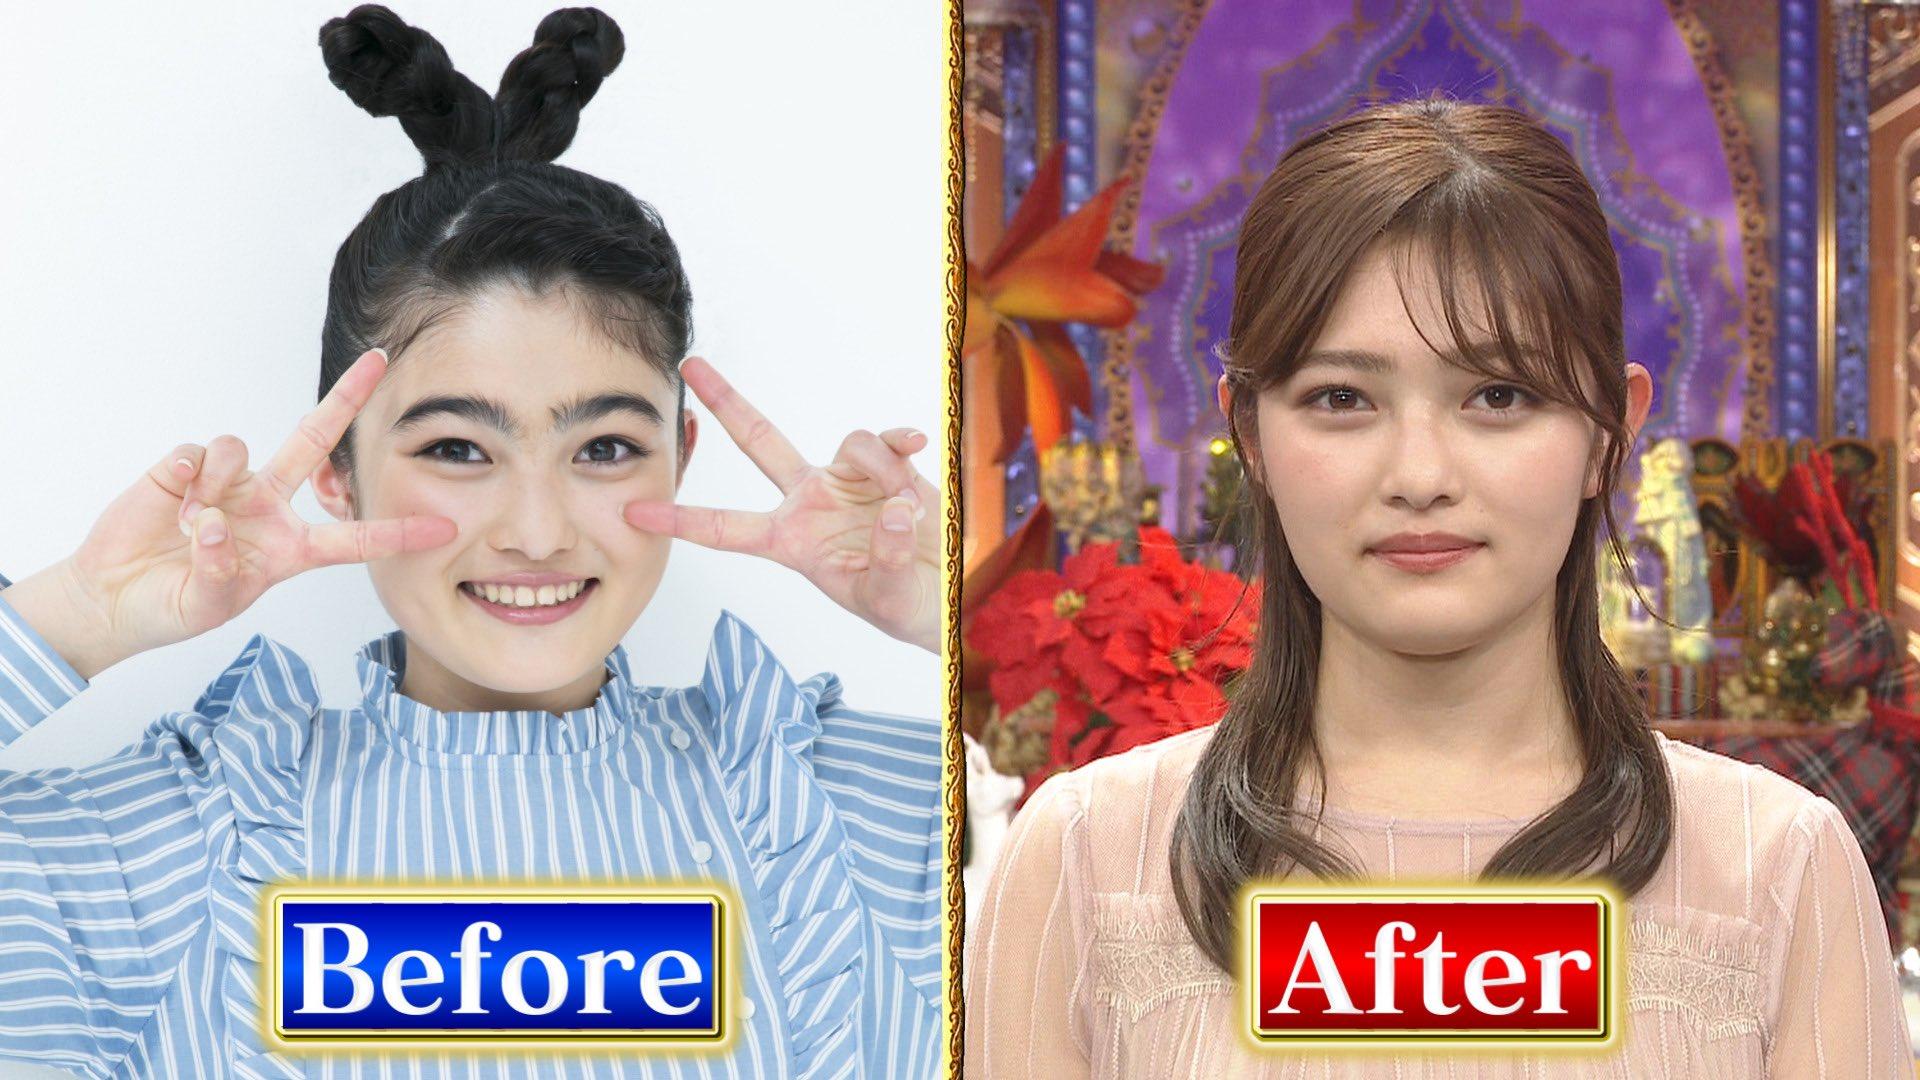 【画像】激太眉だった井上咲楽さん、細眉毛にしたとたん超可愛くなってて草